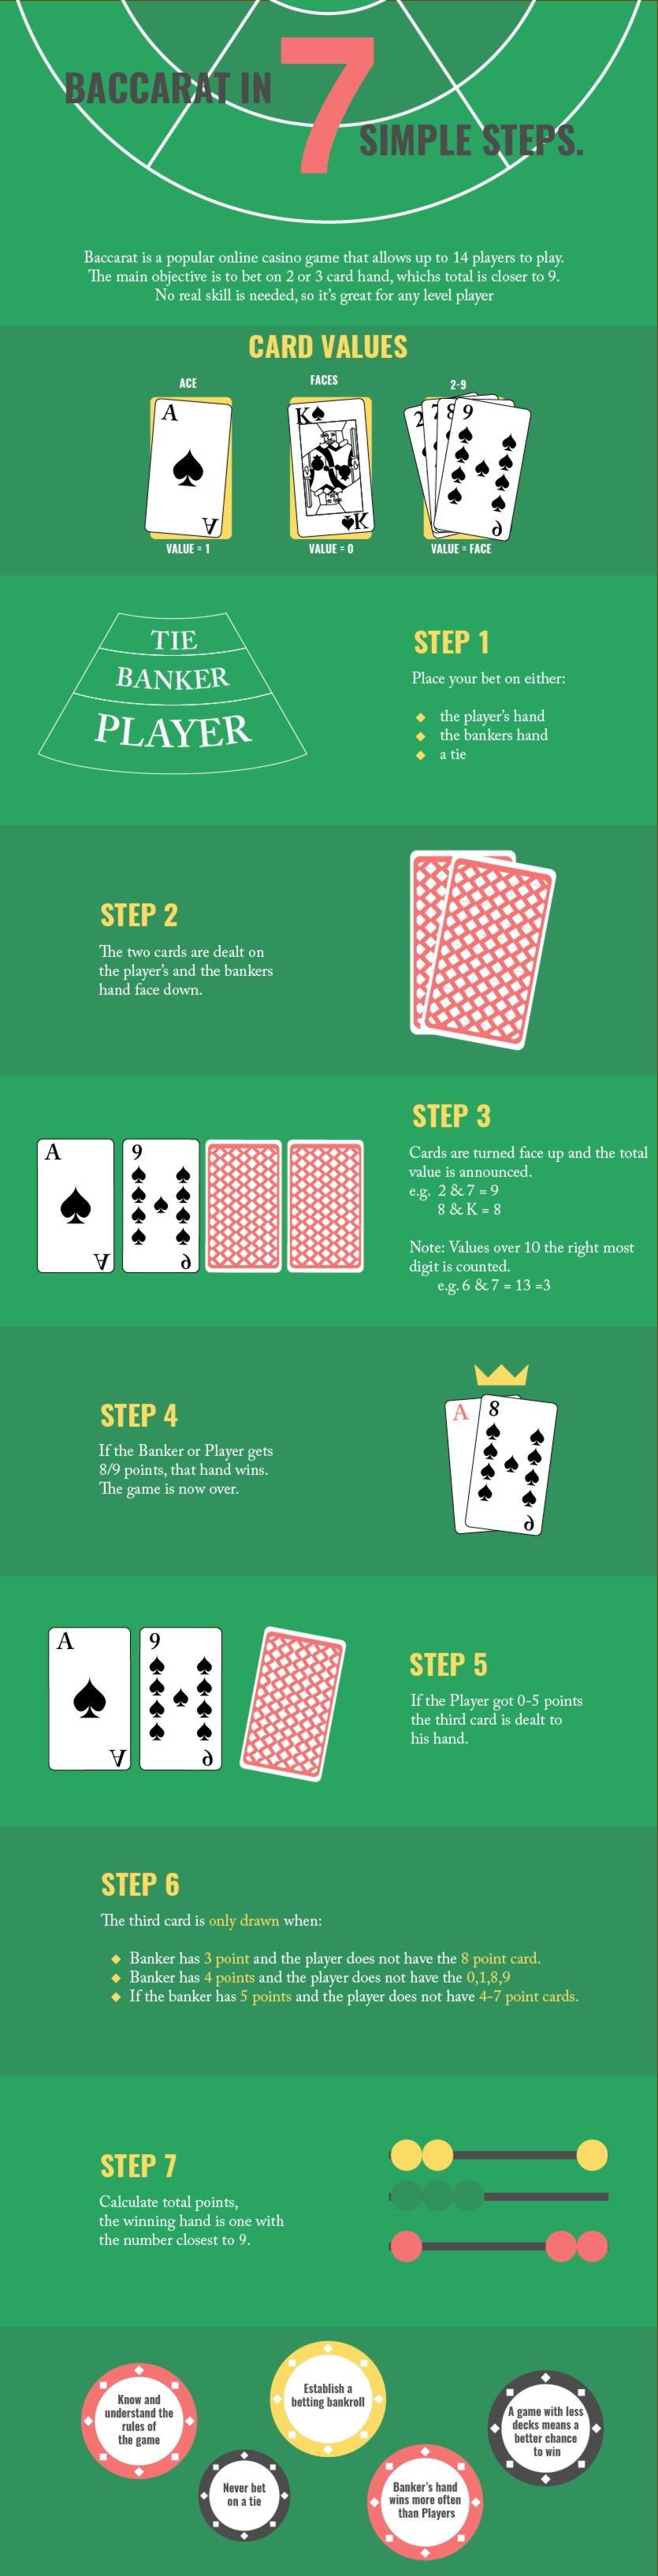 EURO 525 Free Chip Casino im 777 Casino